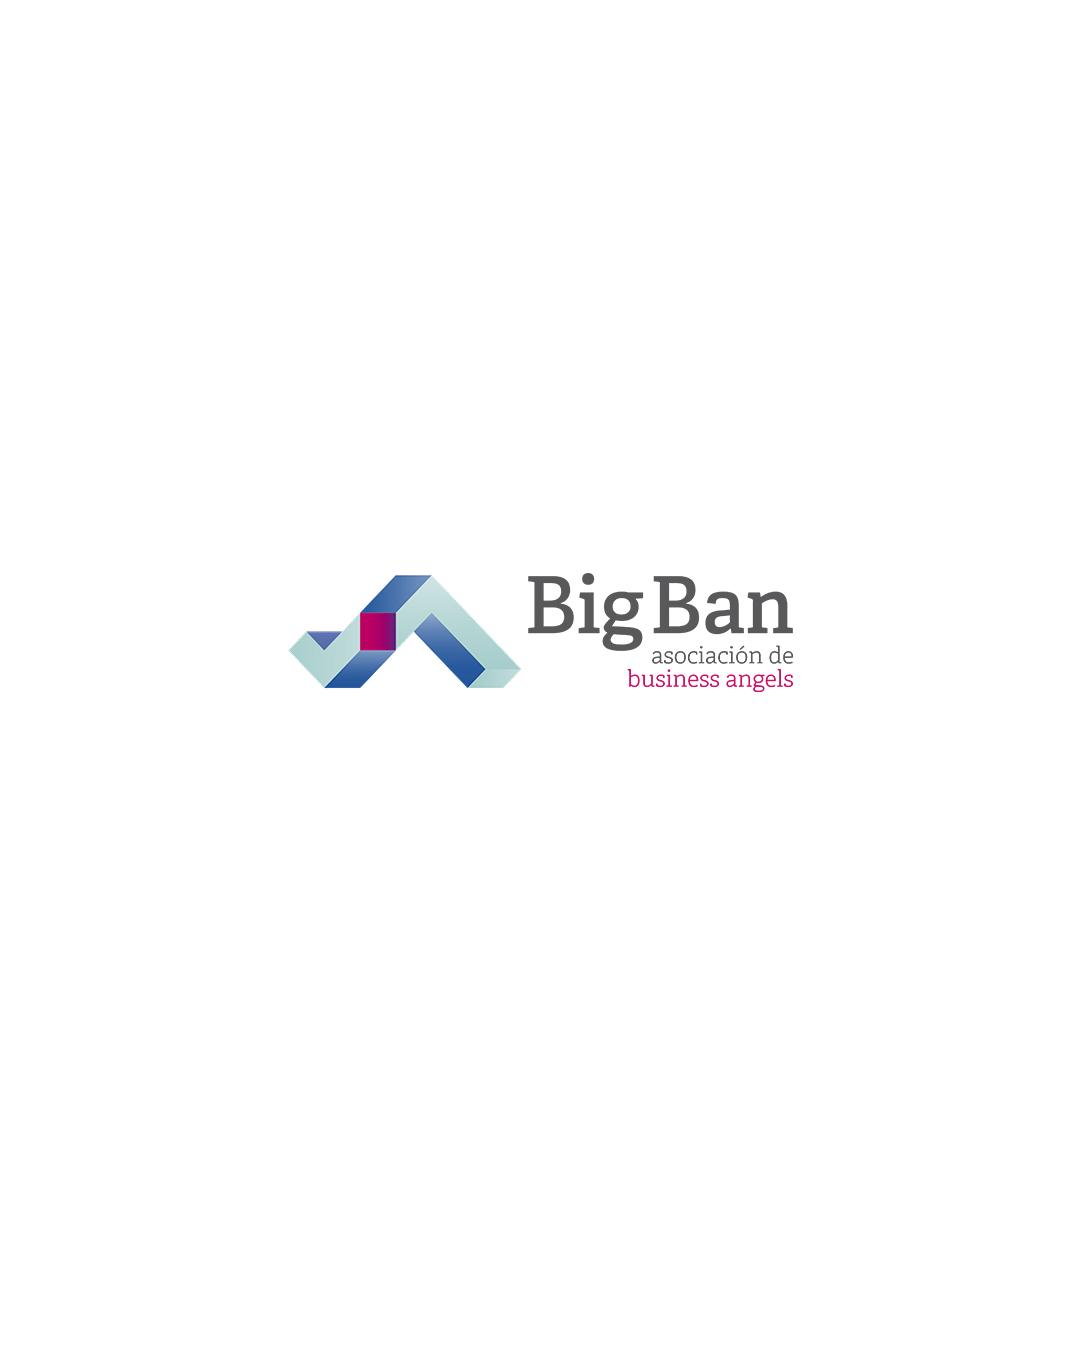 XBig Ban